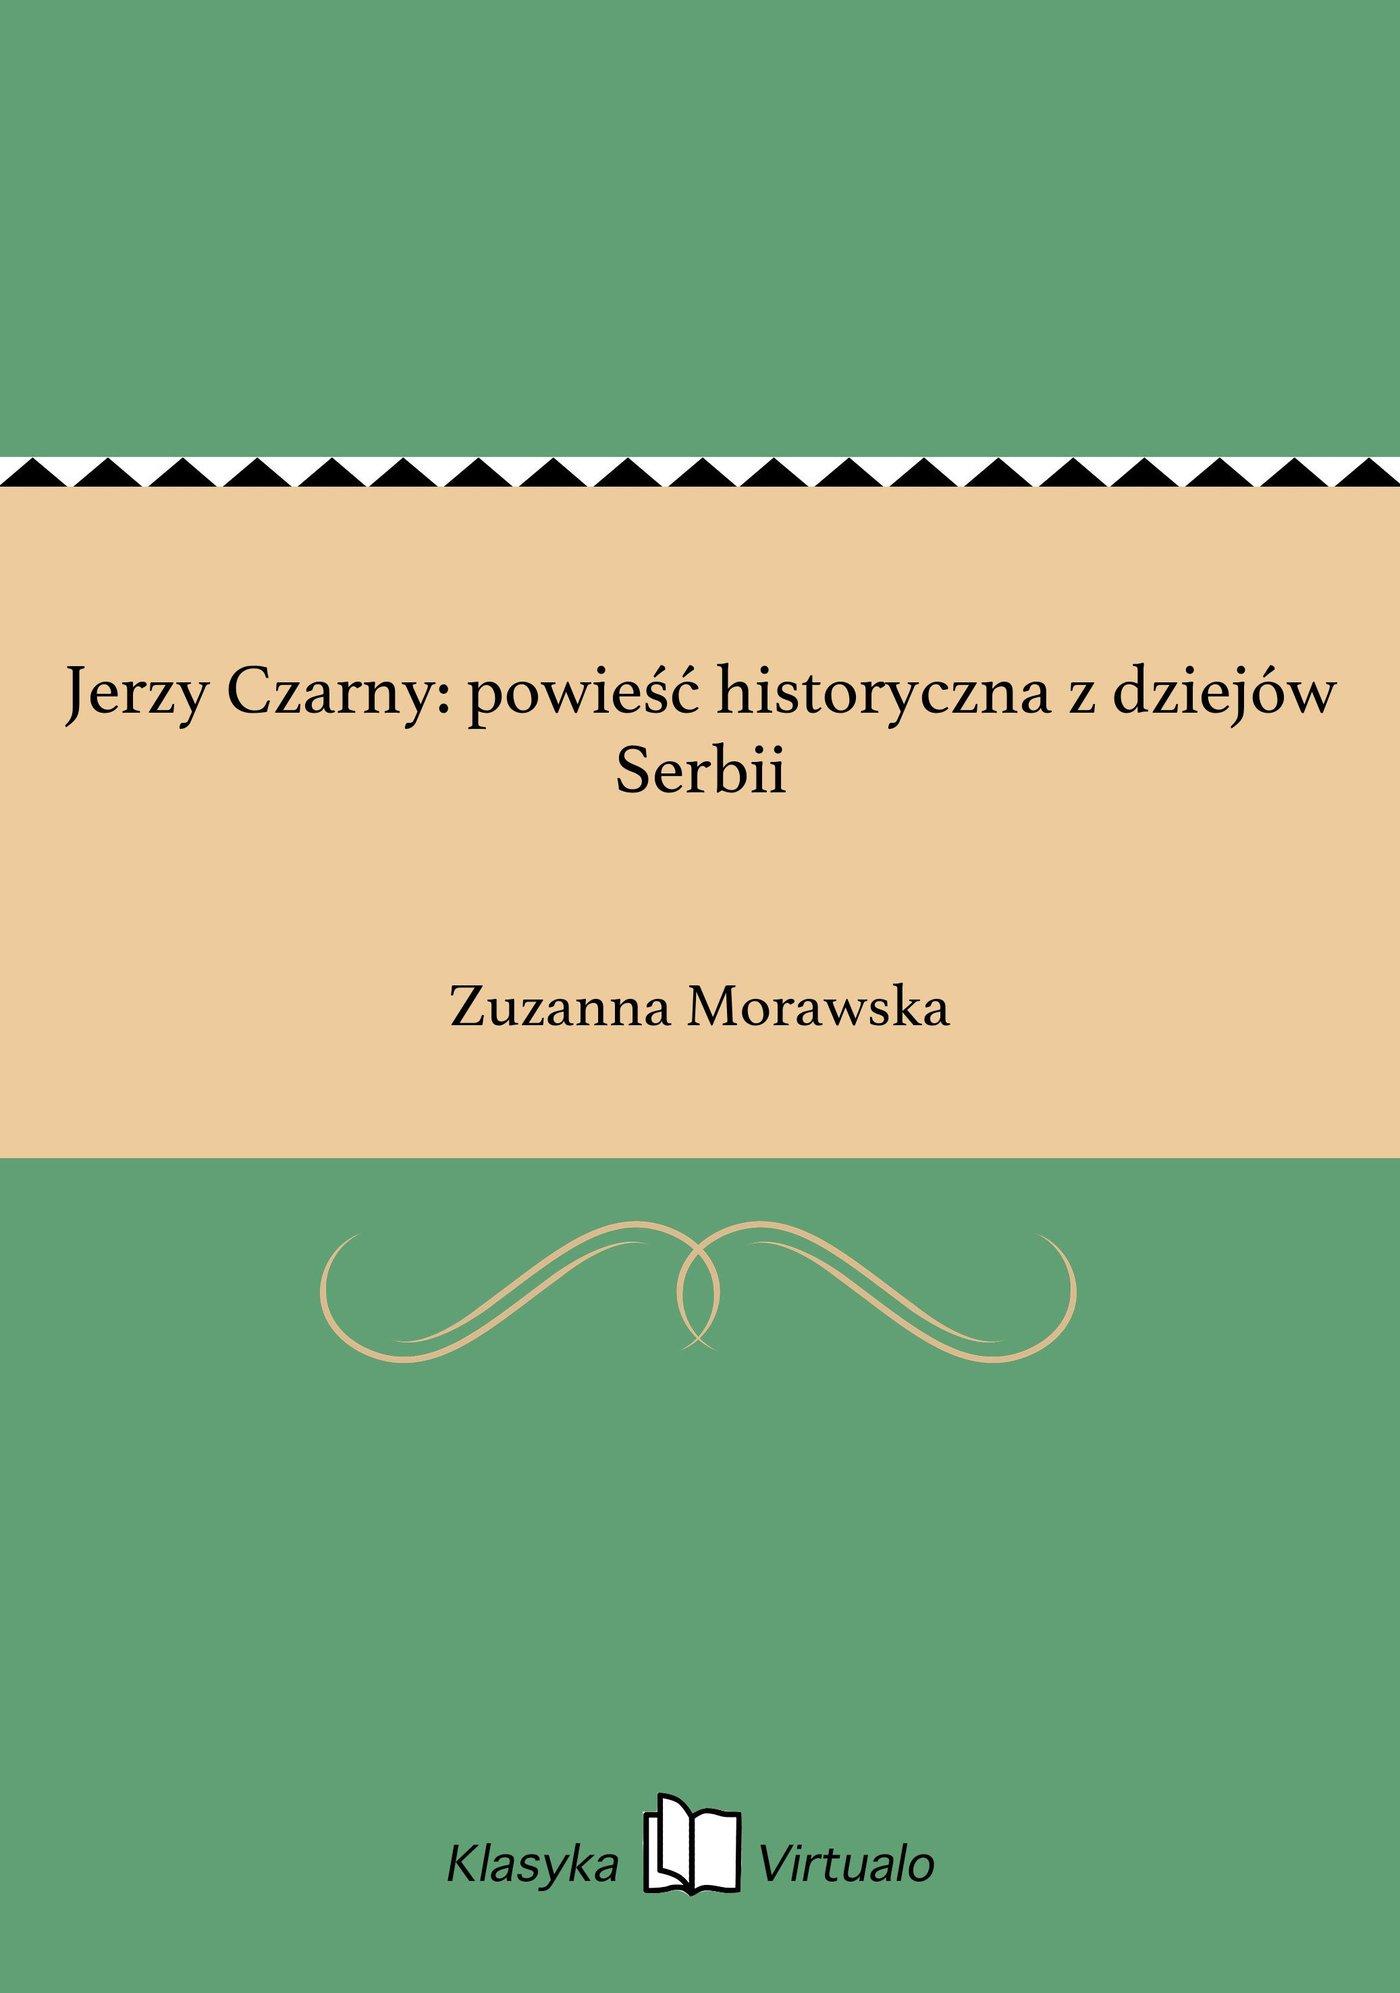 Jerzy Czarny: powieść historyczna z dziejów Serbii - Ebook (Książka na Kindle) do pobrania w formacie MOBI